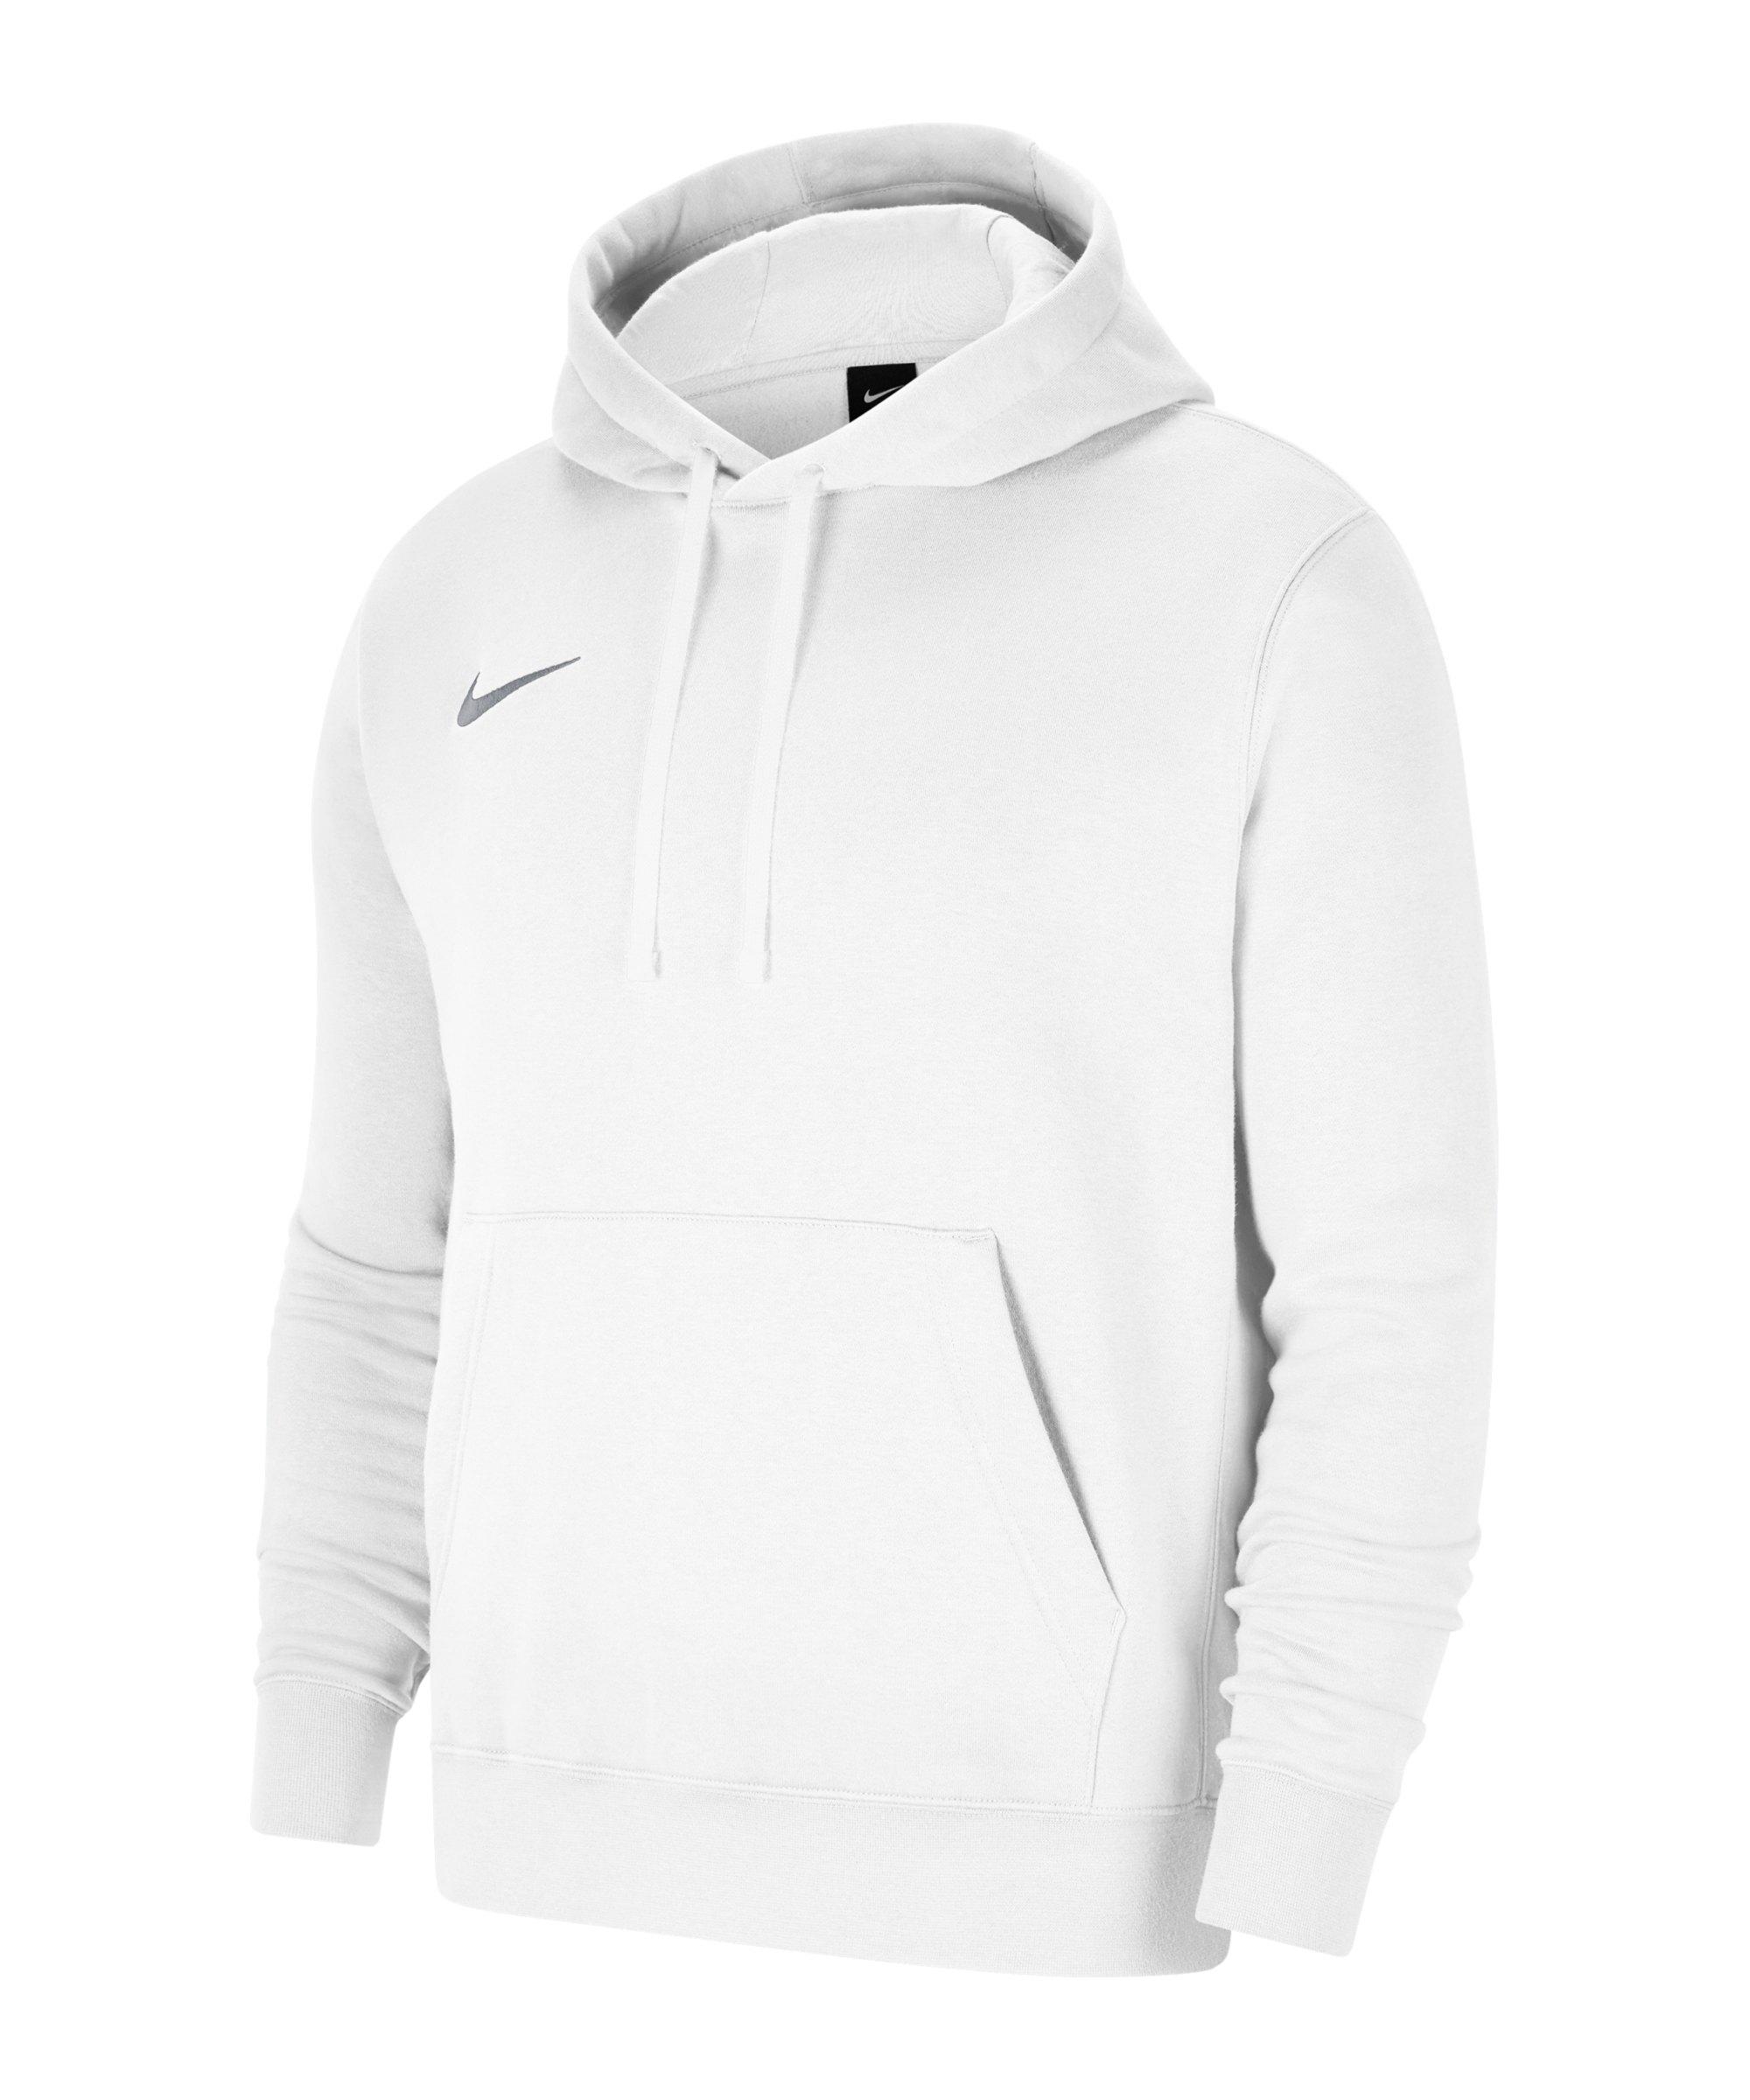 Nike Park 20 Fleece Hoody Weiss Grau F101 - weiss